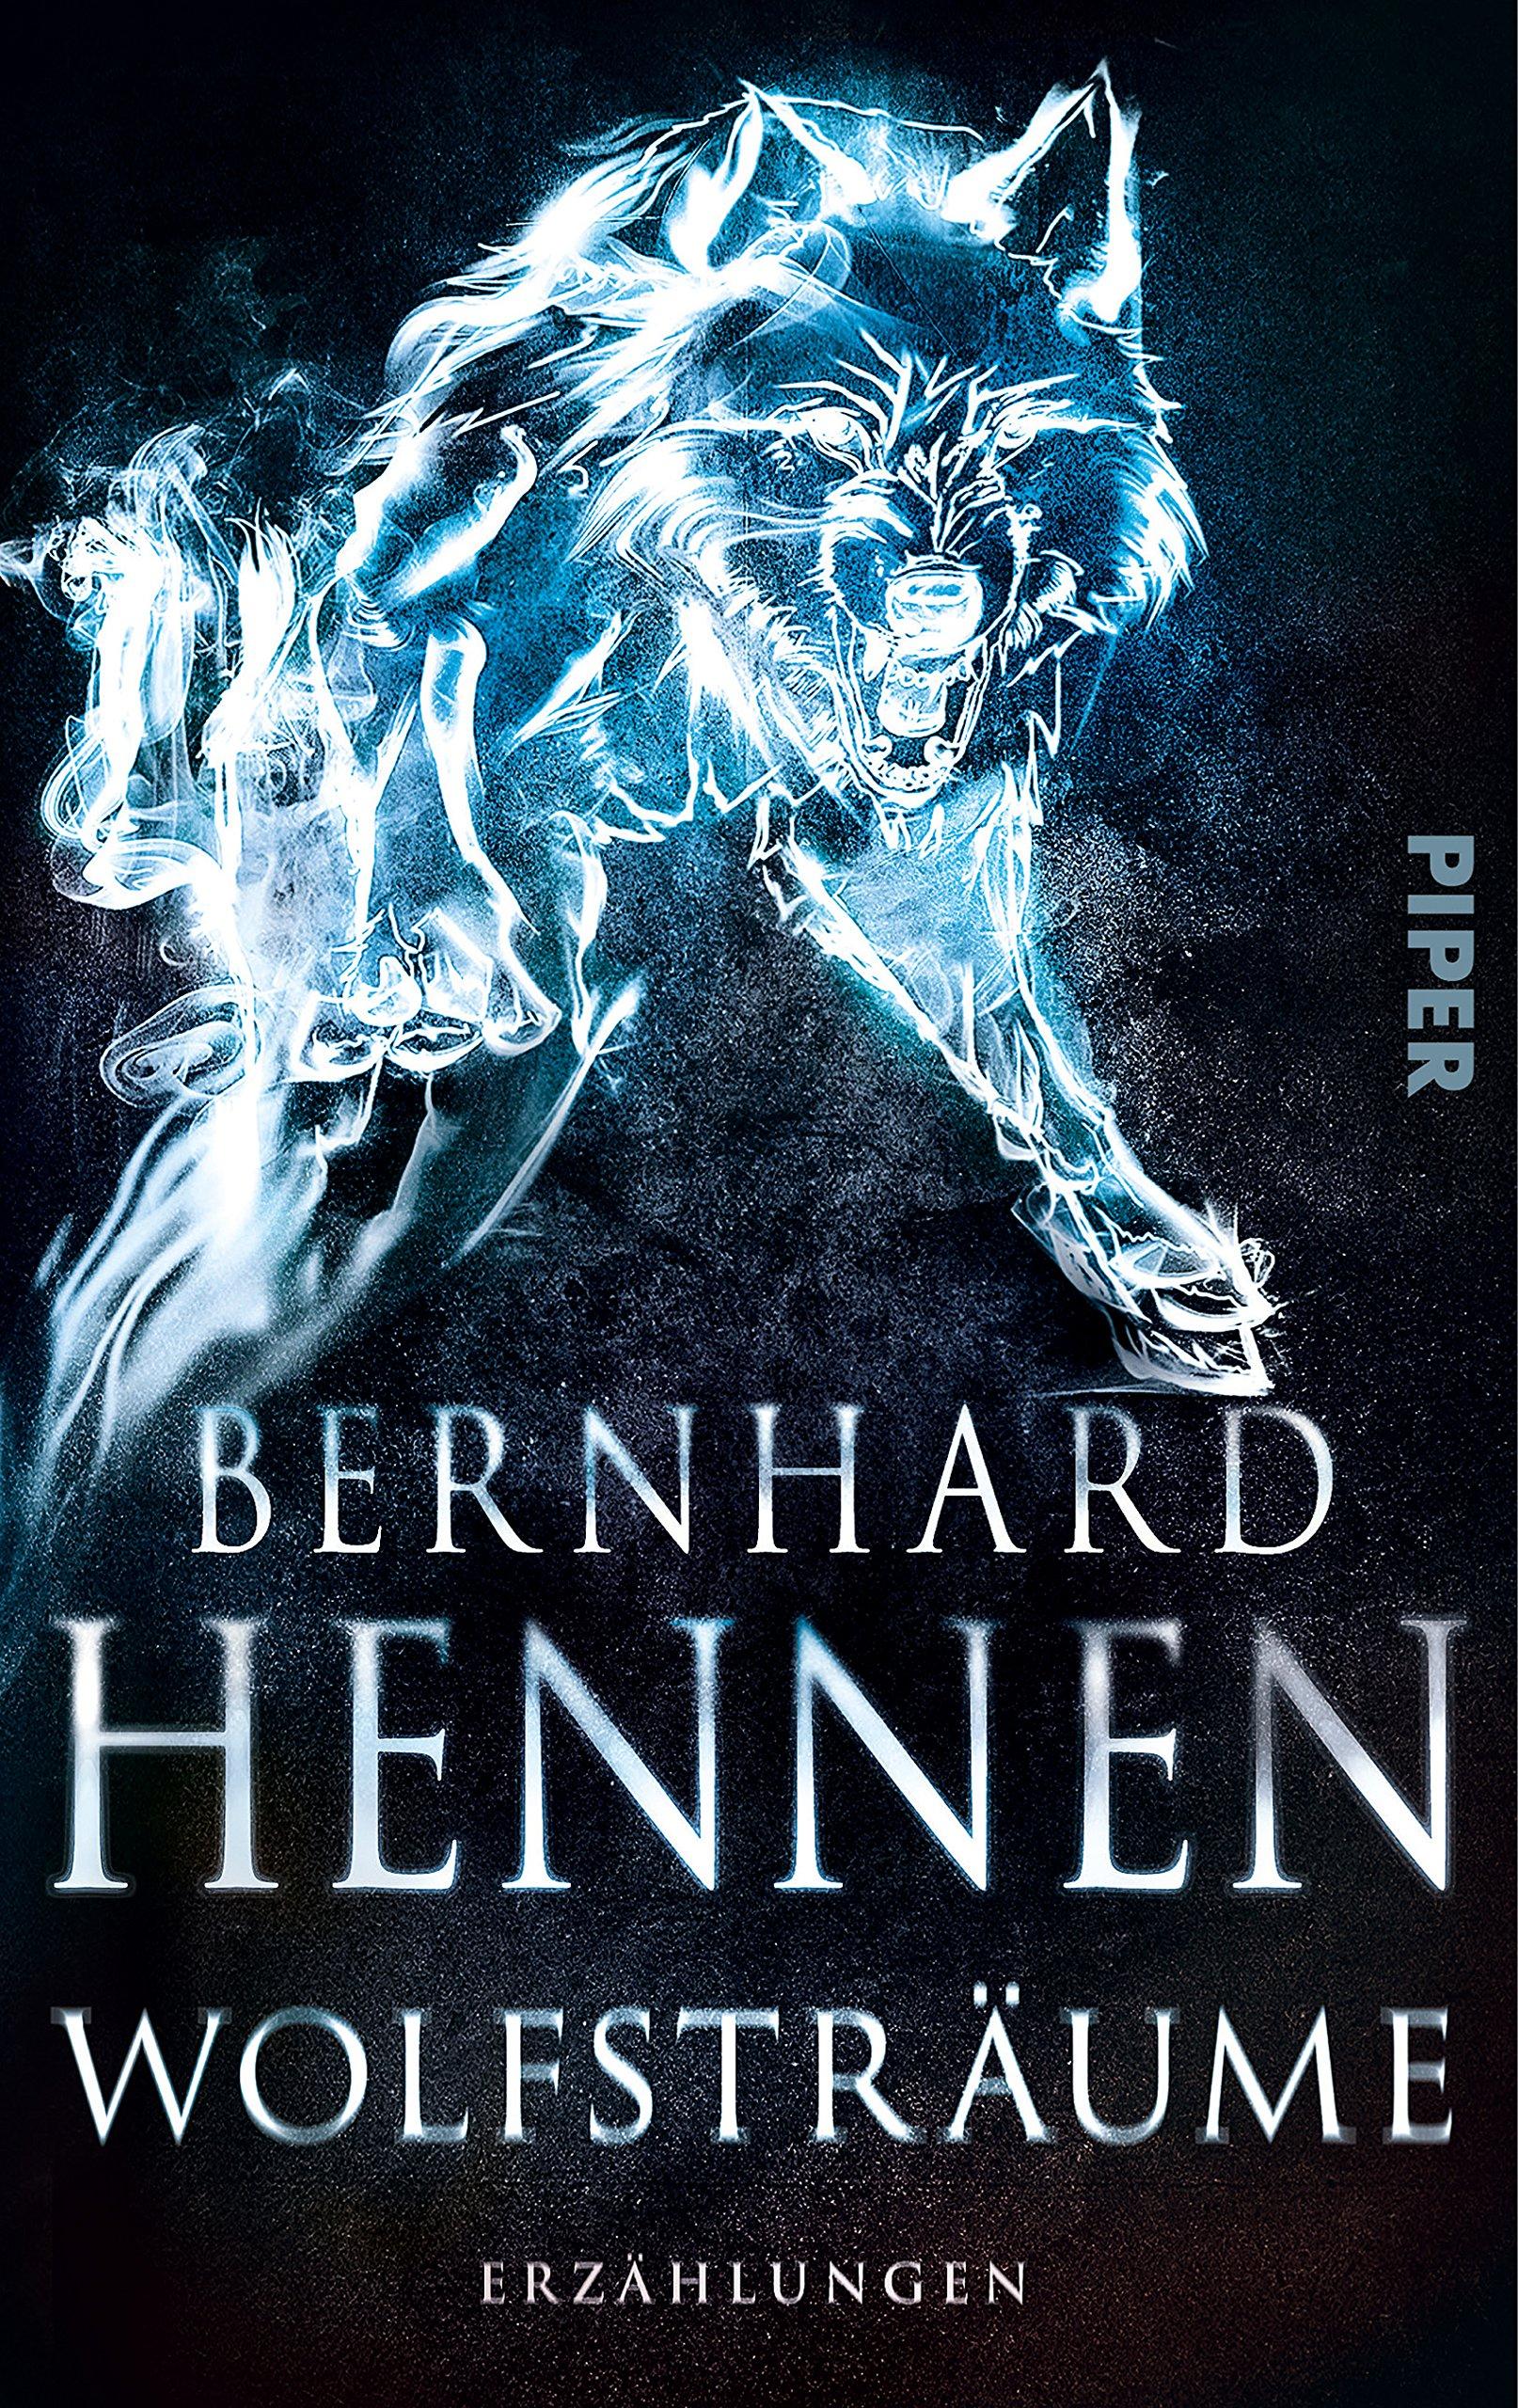 Wolfsträume Erzählungen Amazonde Bernhard Hennen Bã¼cher